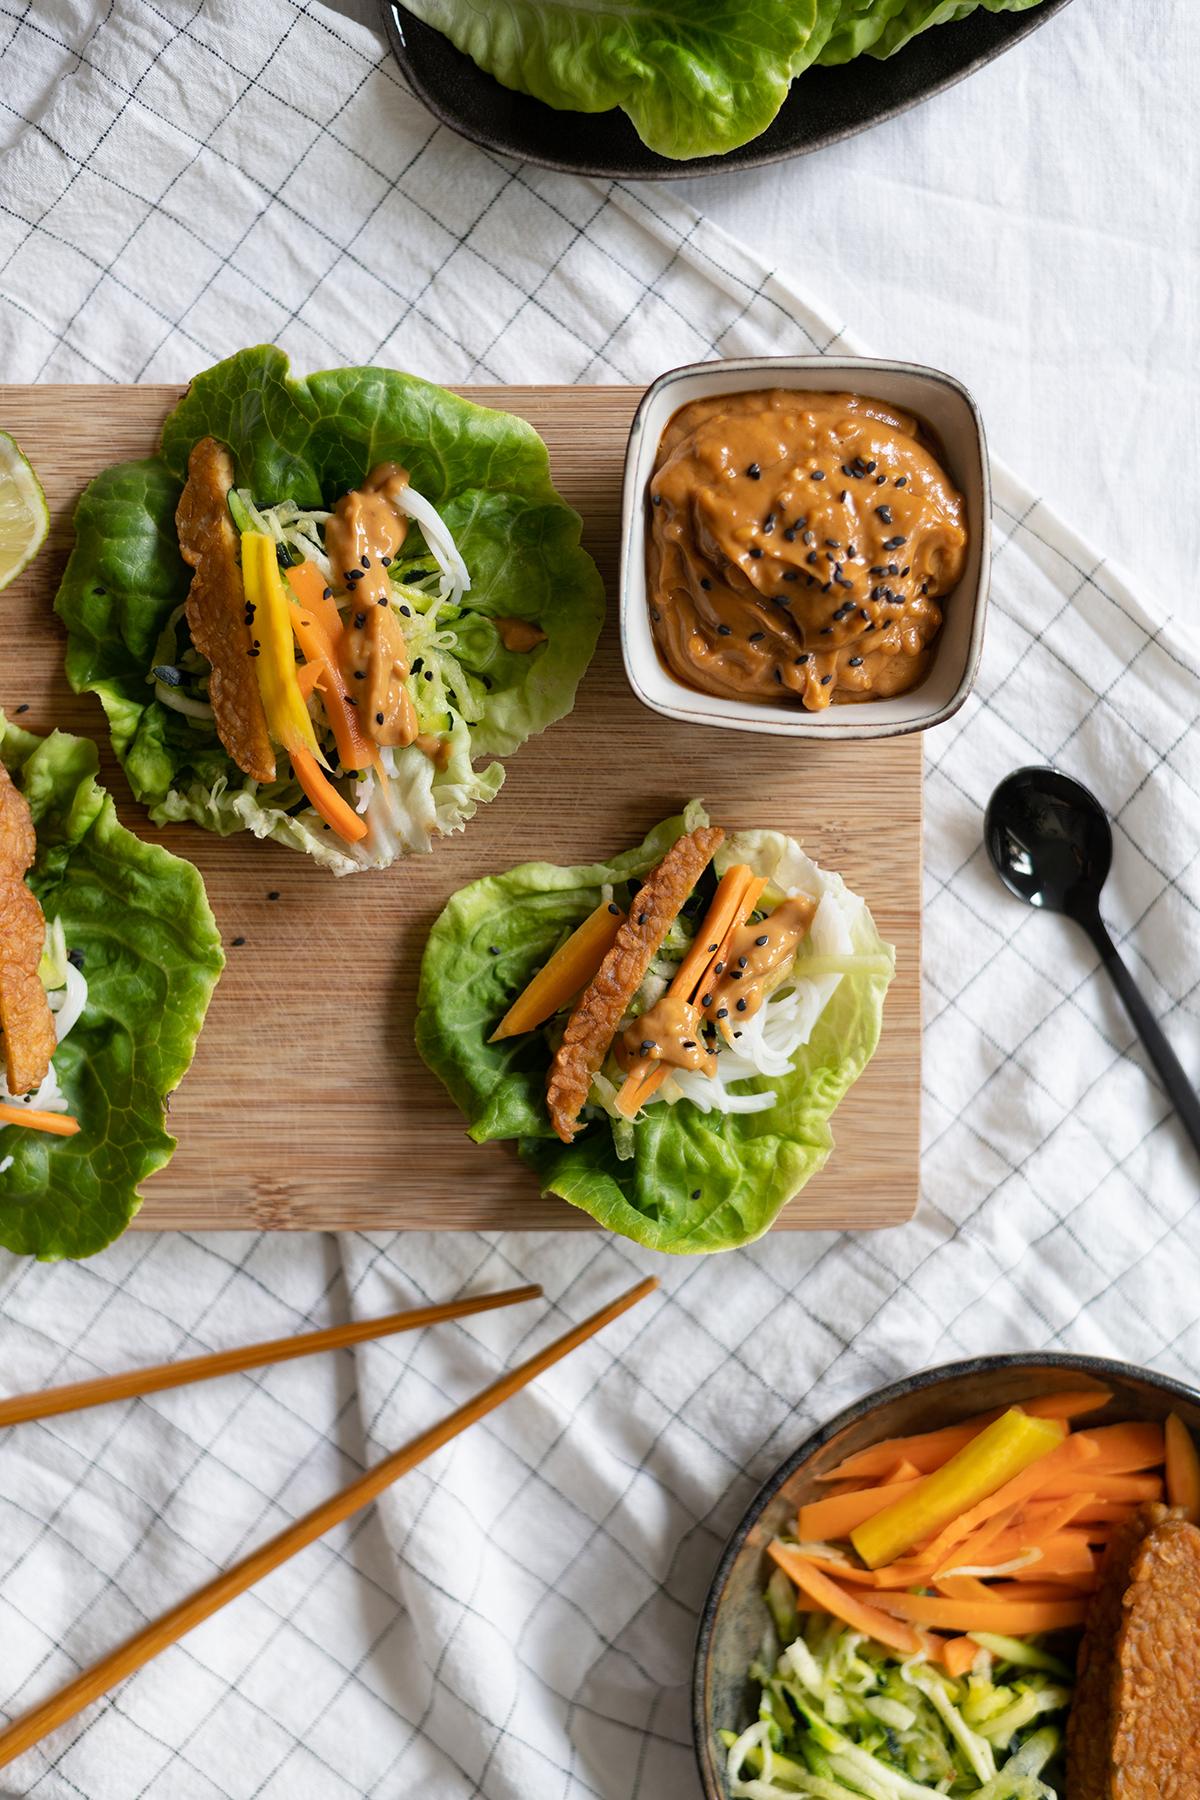 Salat-Wraps Sommer-Rezept   we love handmade